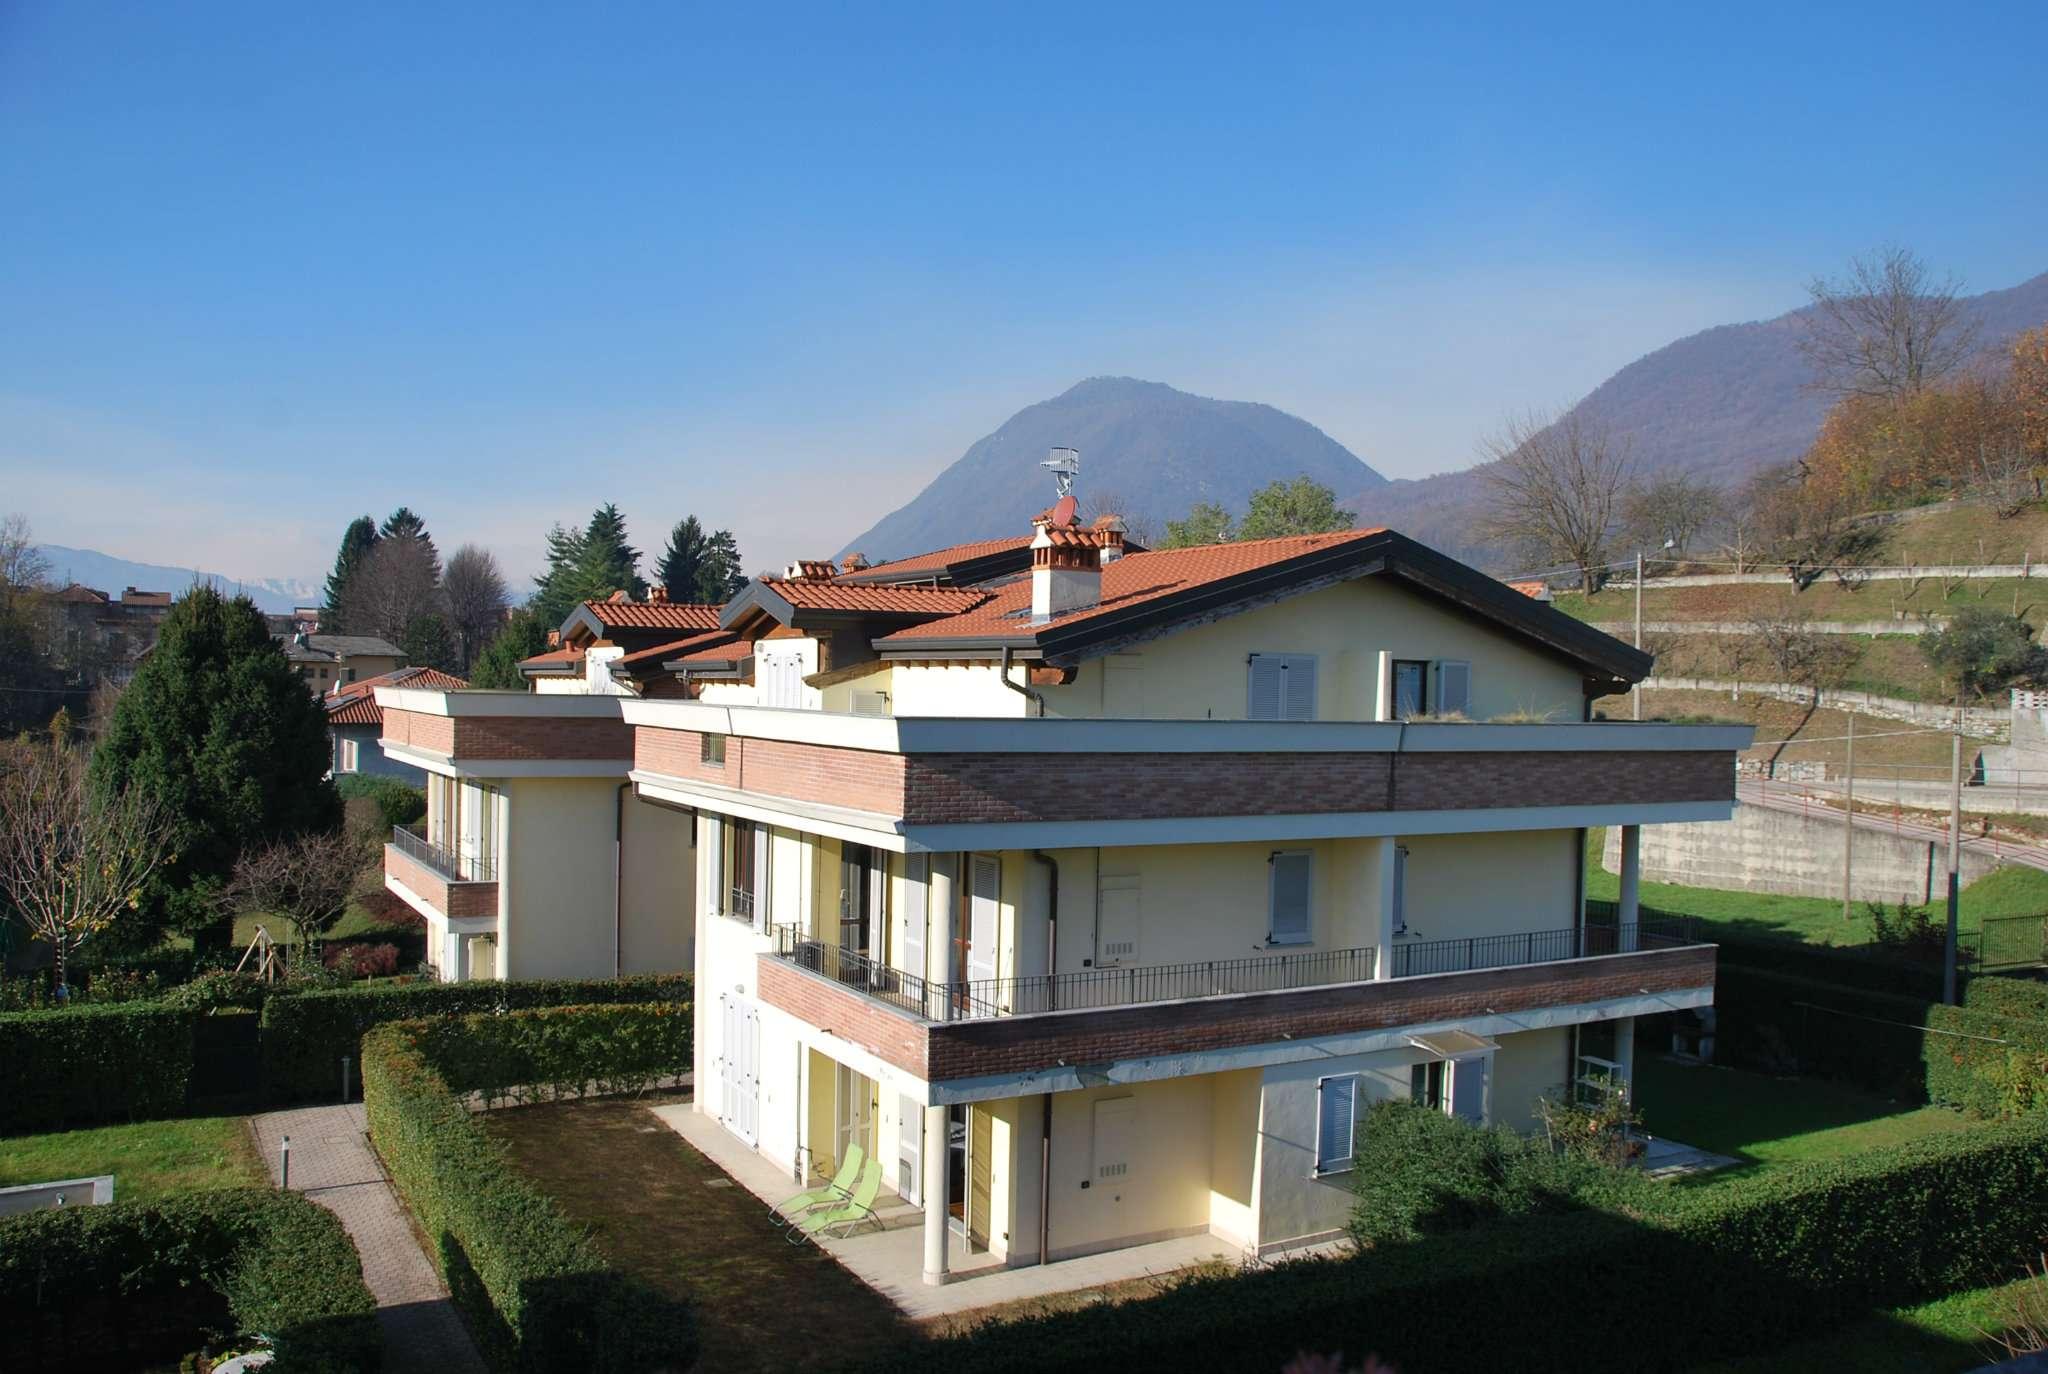 Appartamento in vendita a Brenta, 3 locali, prezzo € 224.000 | CambioCasa.it